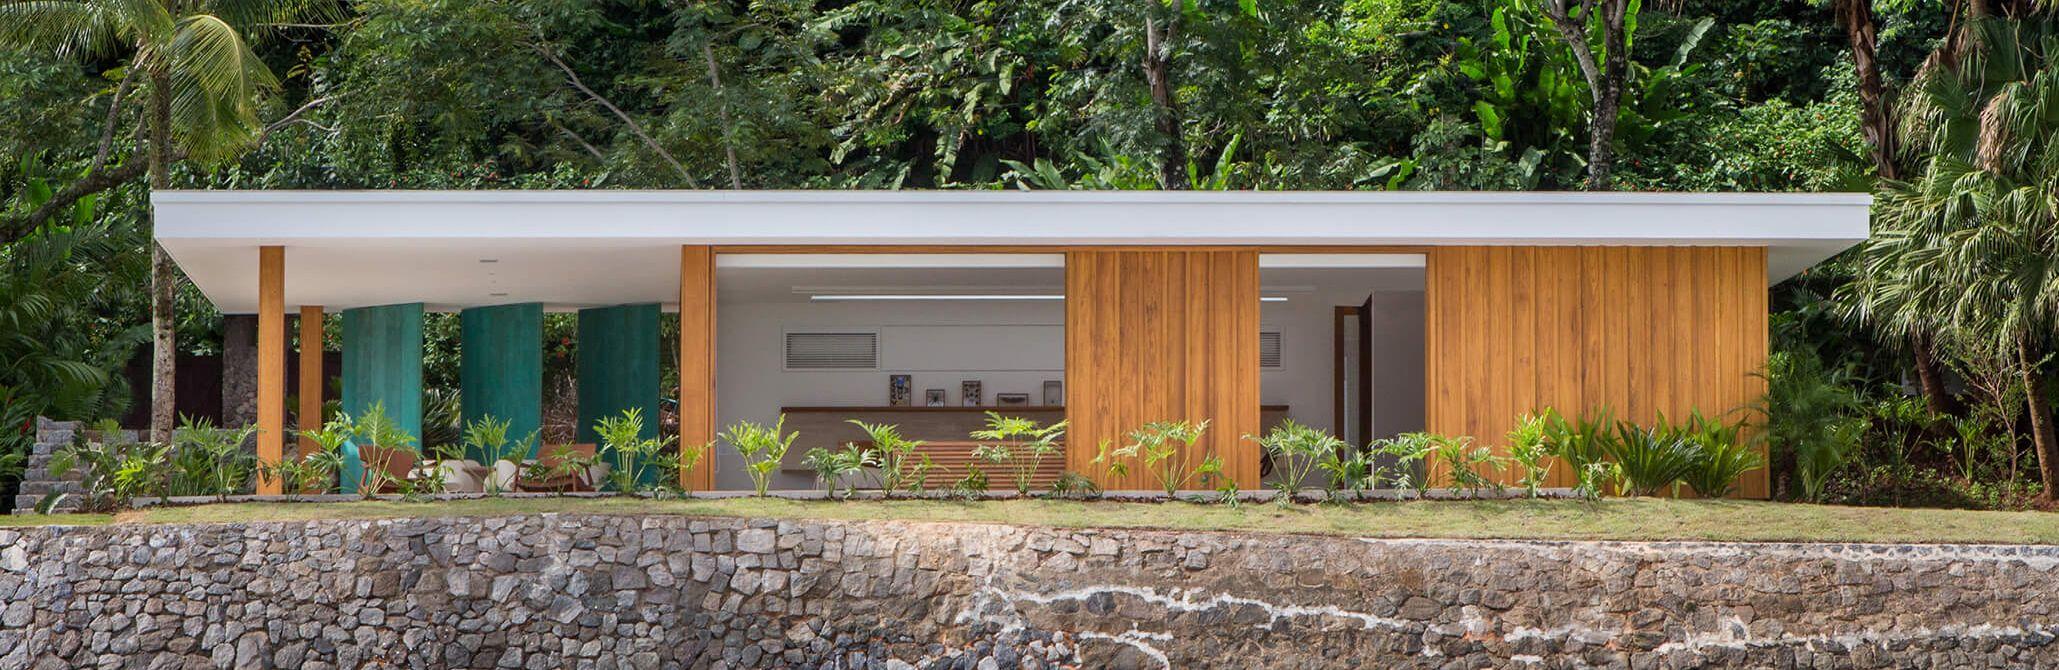 CASA COSTA ESMERALDA - Siqueira Azul | Escritório de design e arquitetura